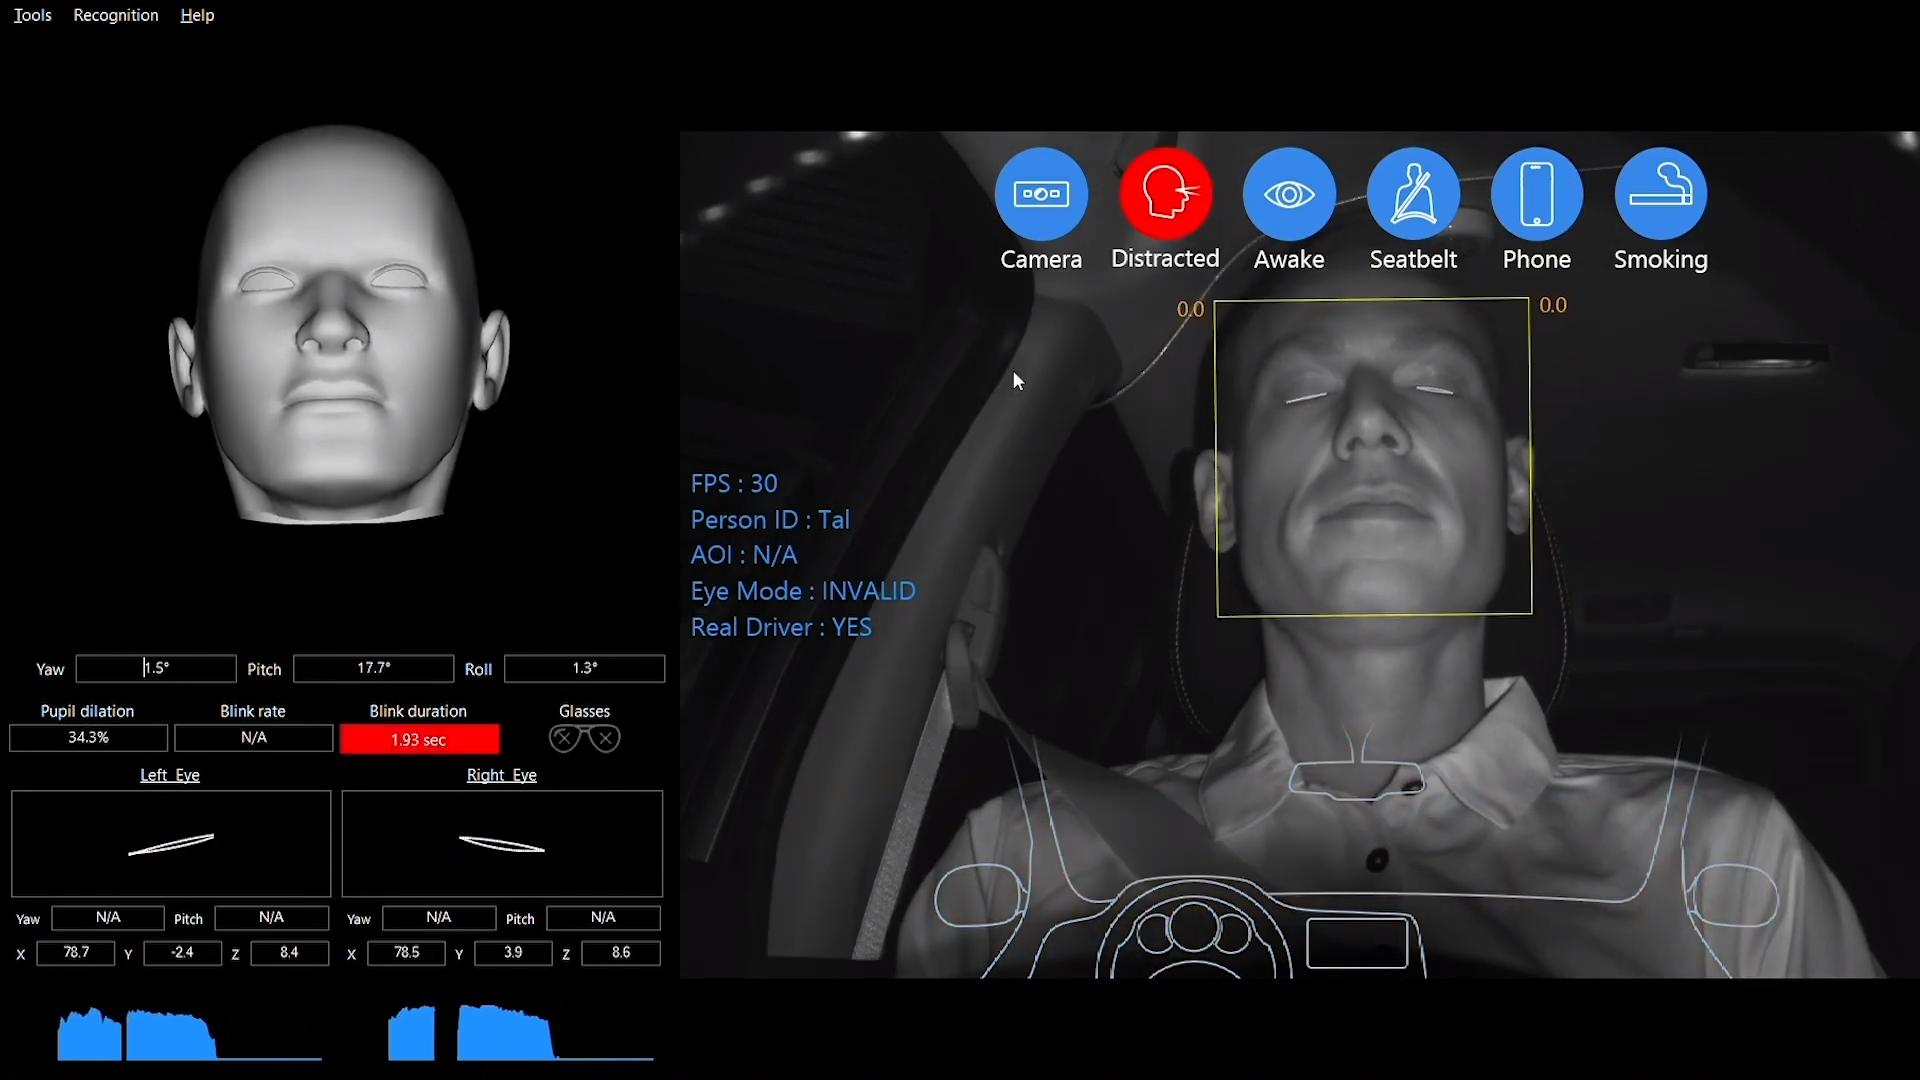 얼굴인식 정보로 운전자의 졸음운전을 감지하는 기술 사진